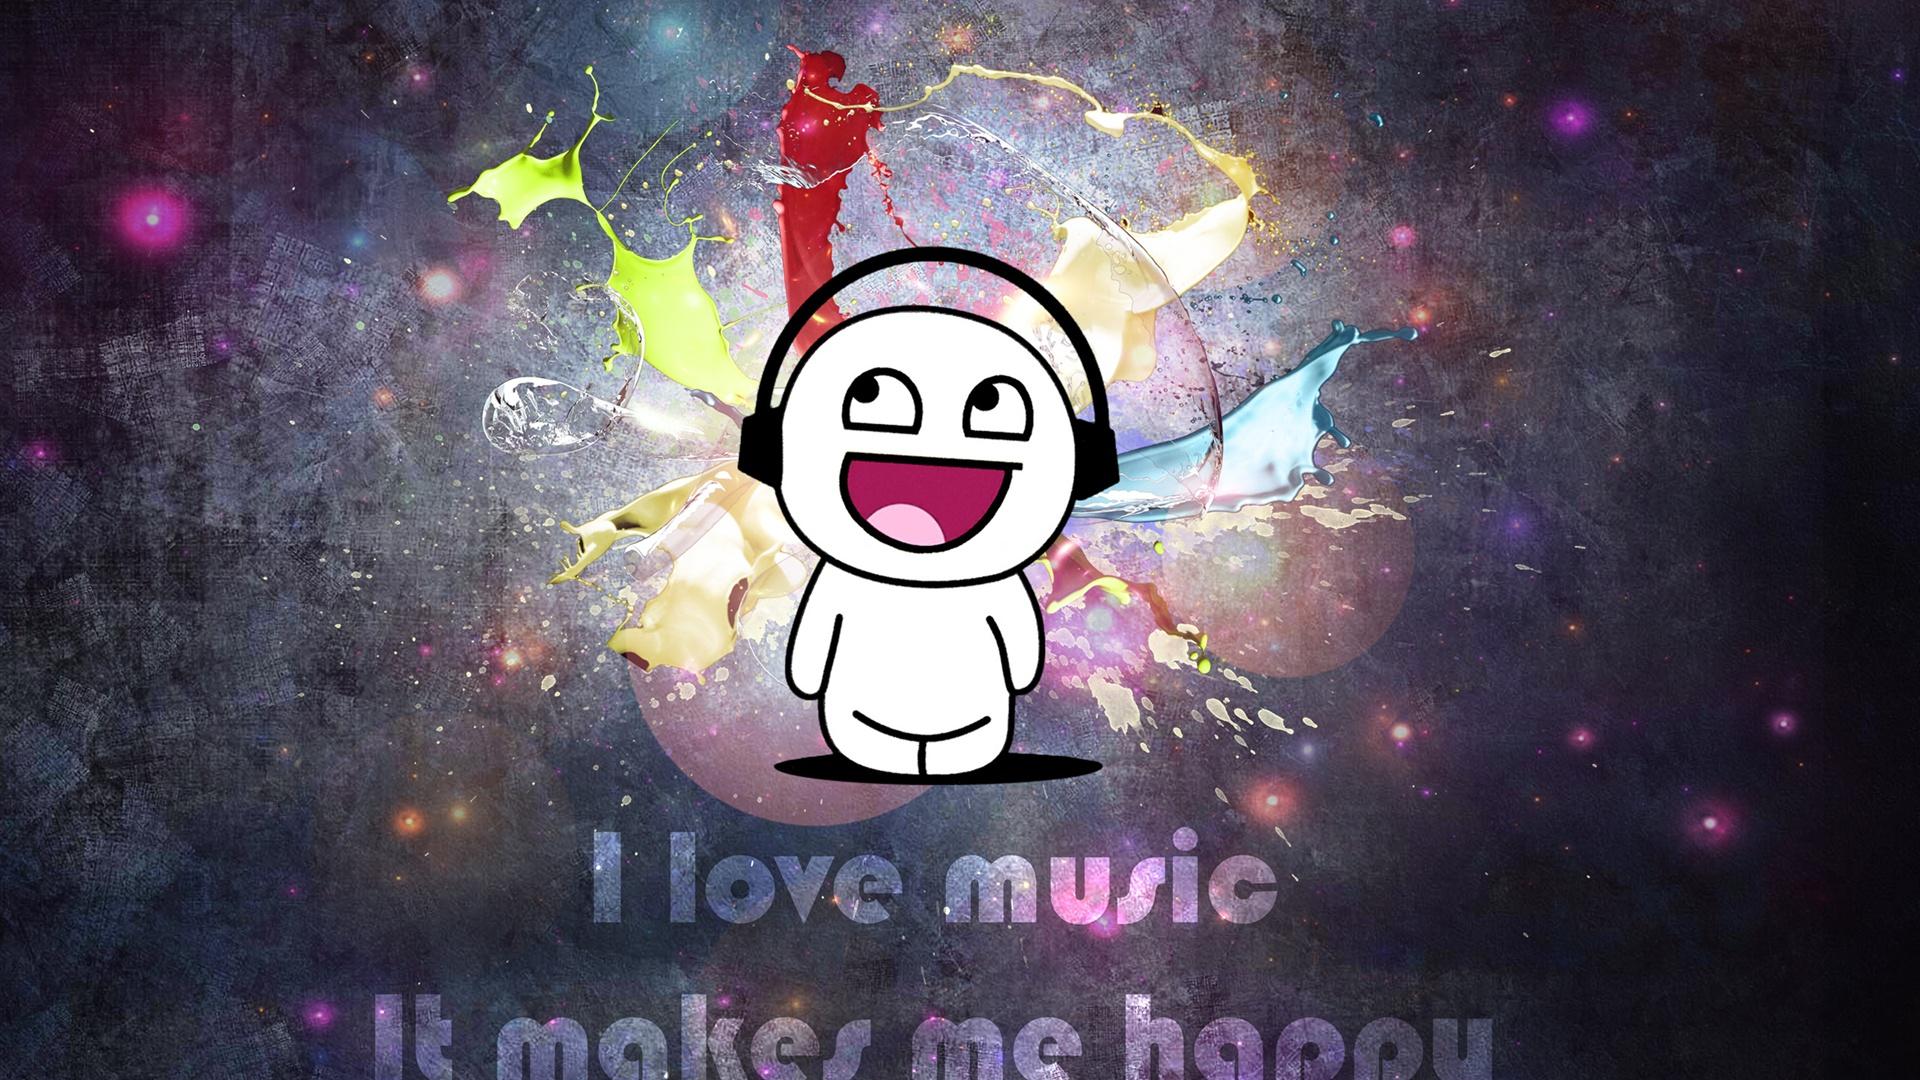 ... Musik, es macht mich glücklich Hintergrundbilder - 1920x1080 Full HD